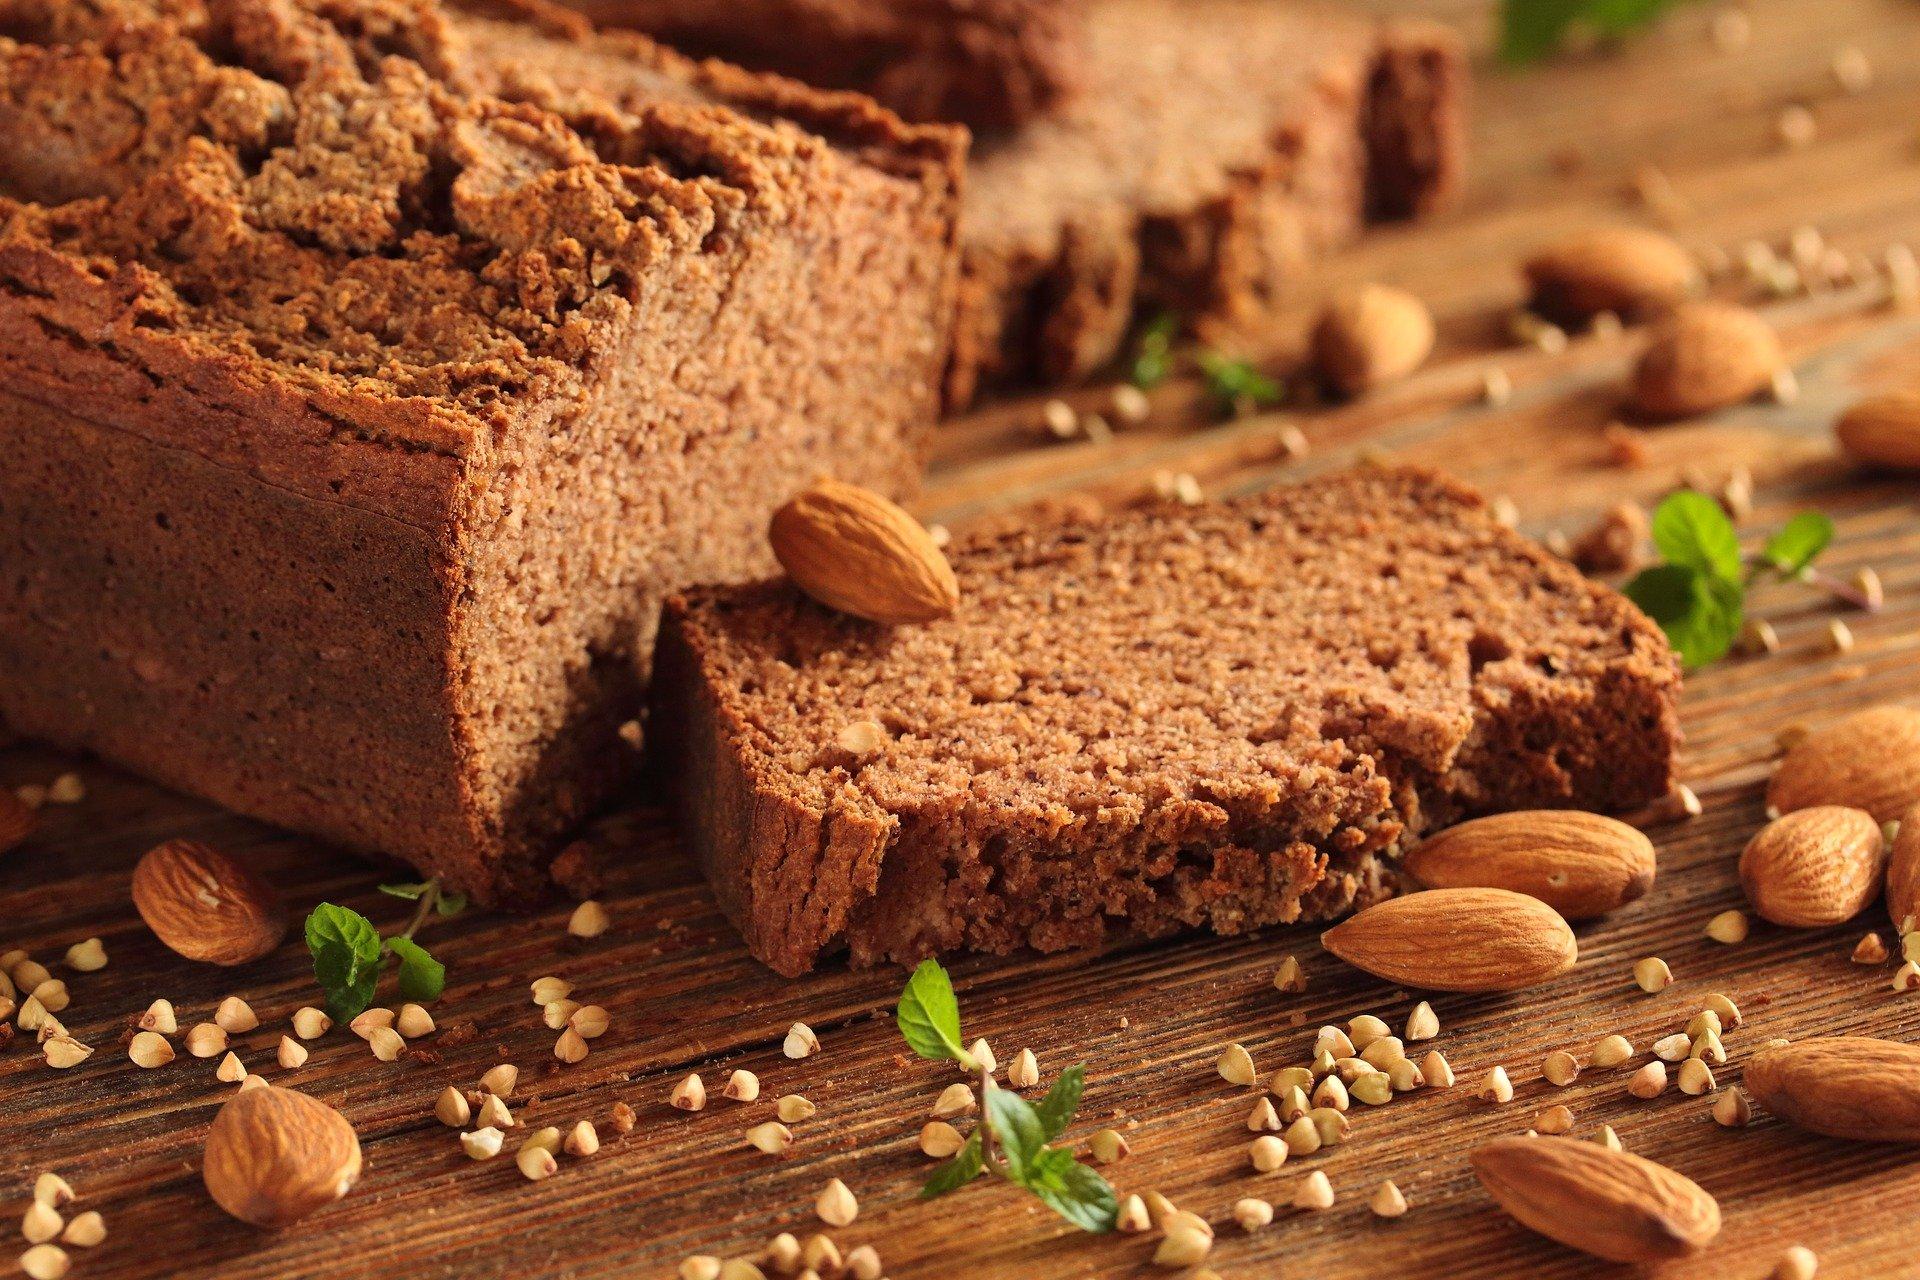 La pastelería sin gluten es toda una tendencia